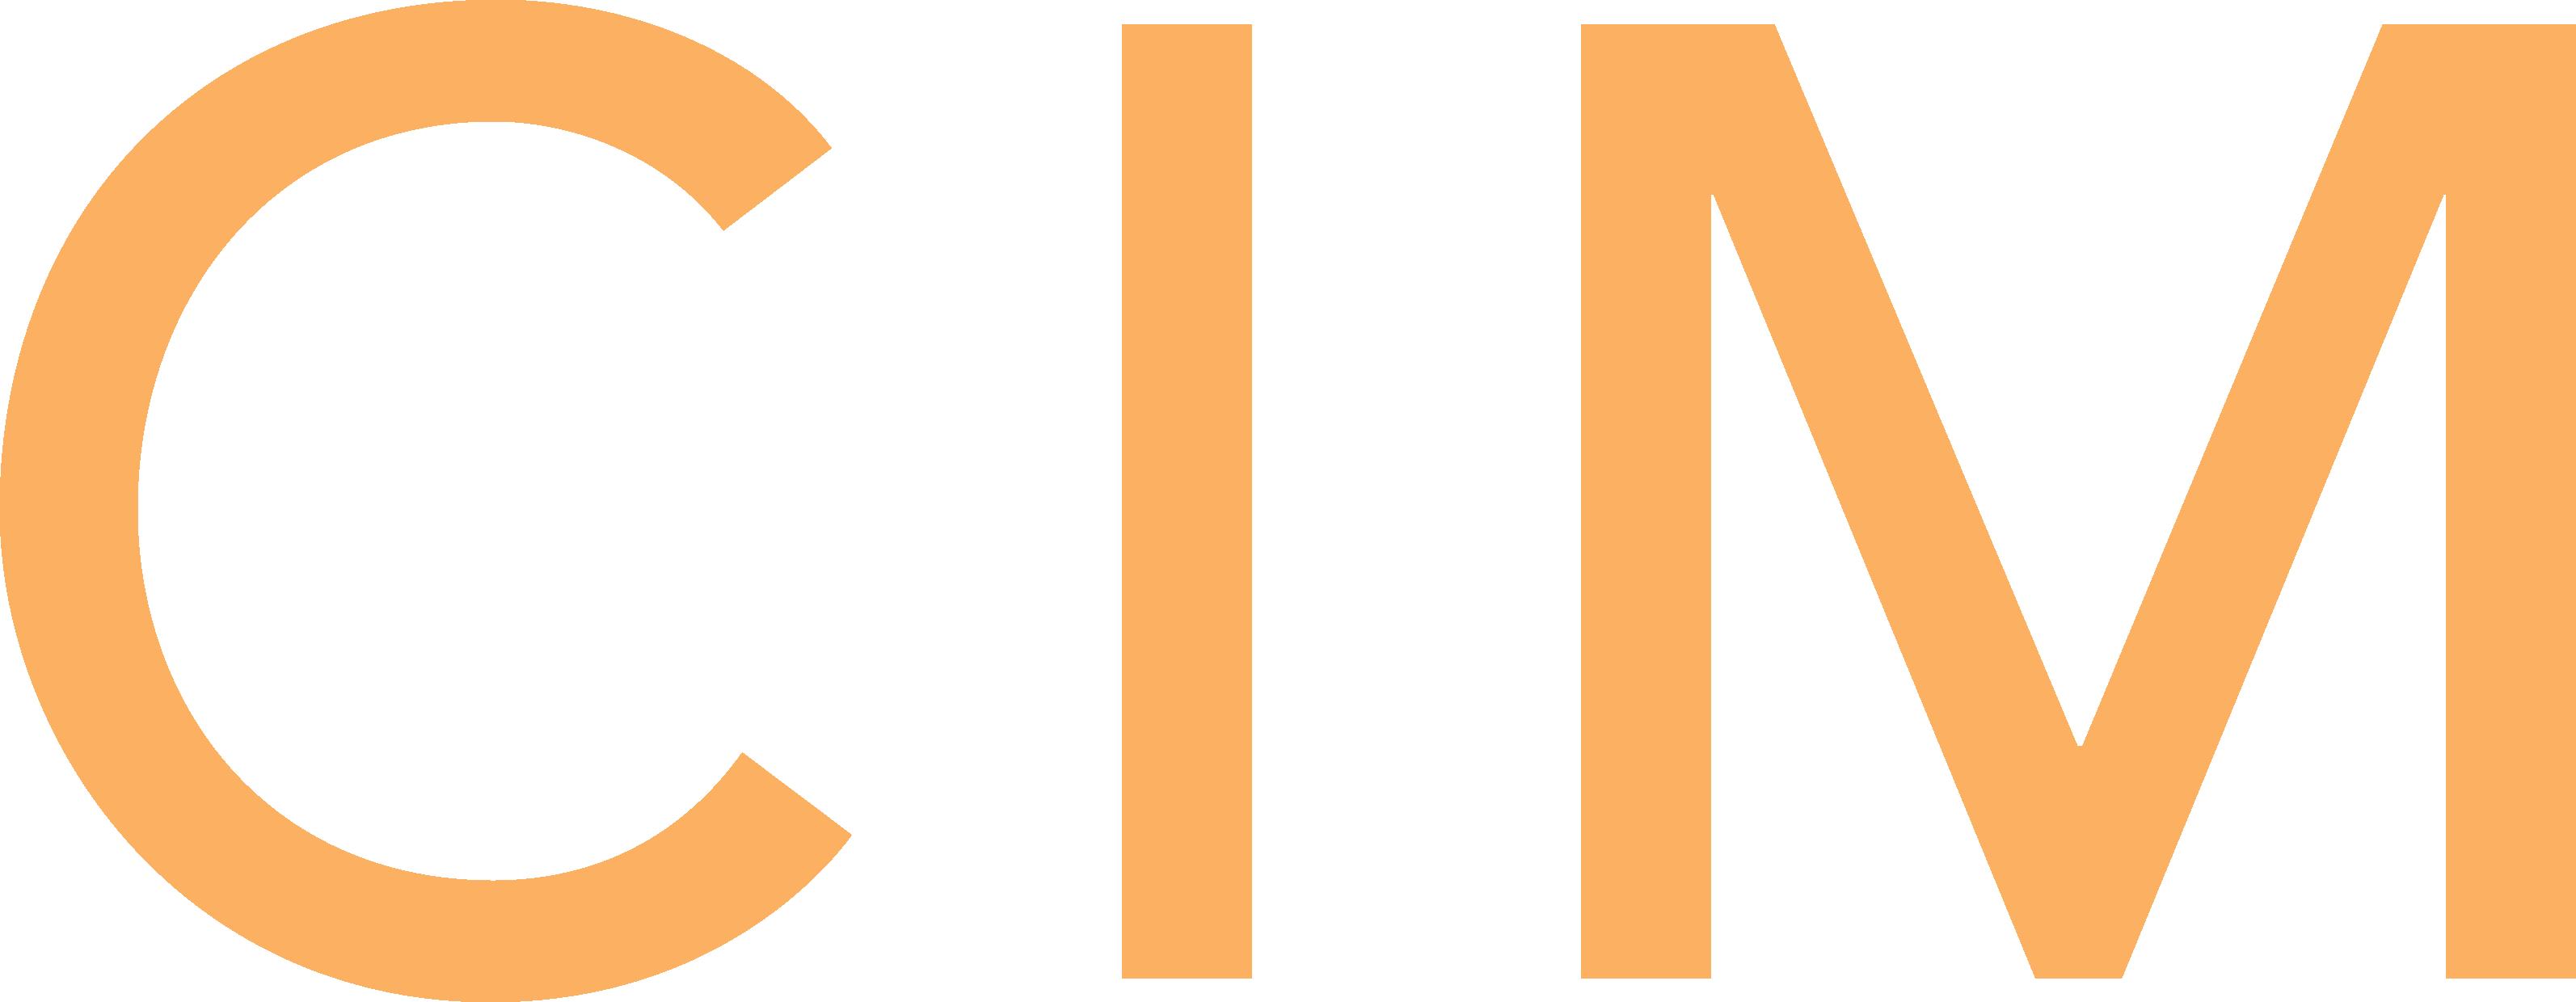 CIM LOGO 2016